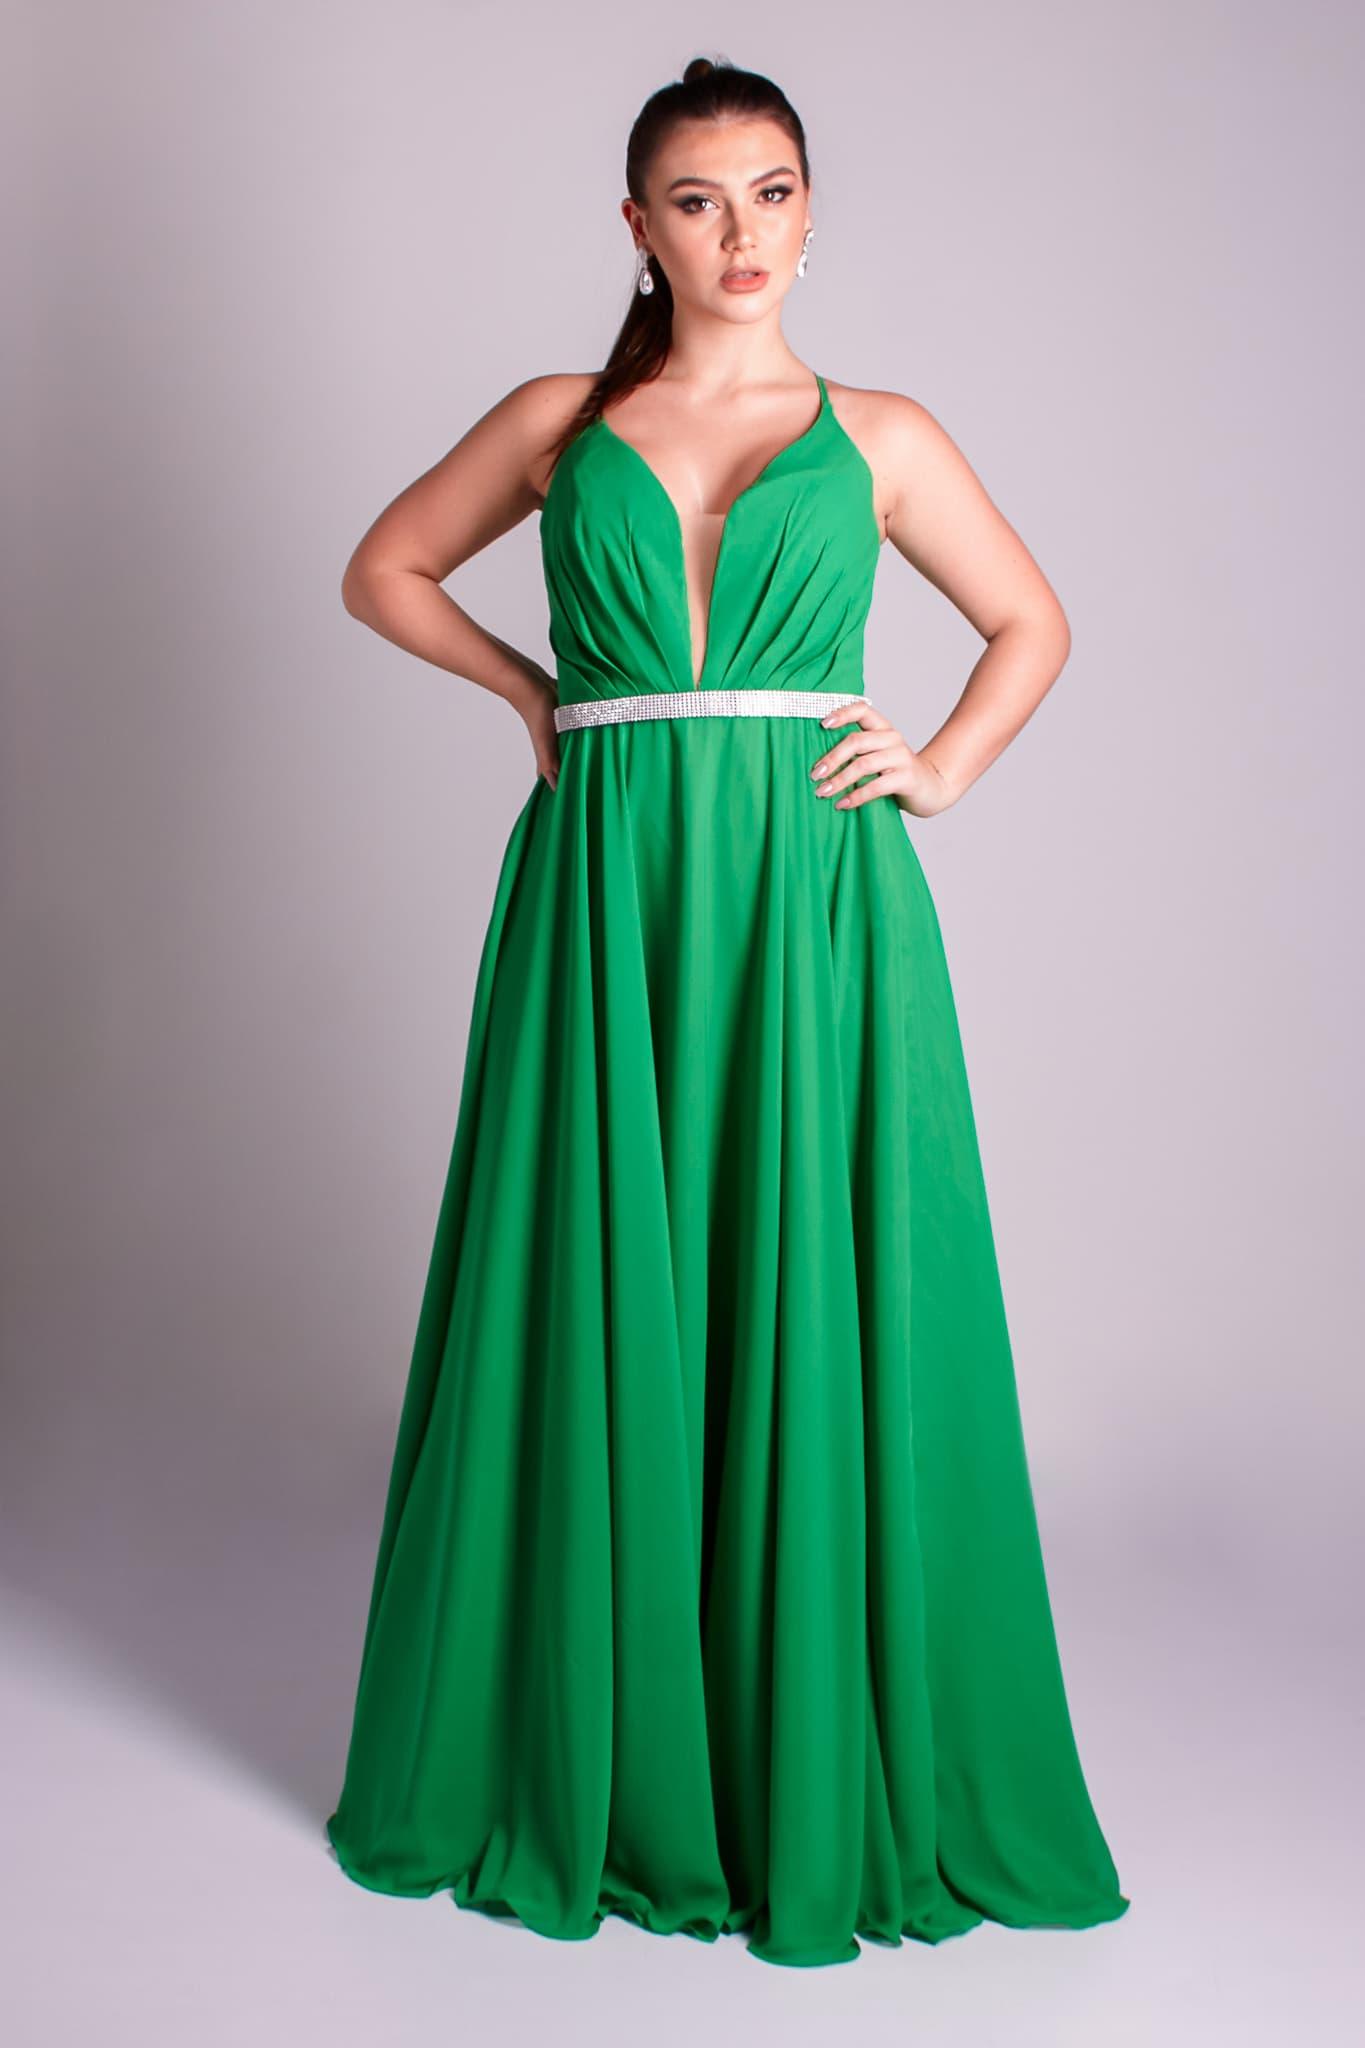 15 - vestido verde esmeralda fluido trançado nas costas